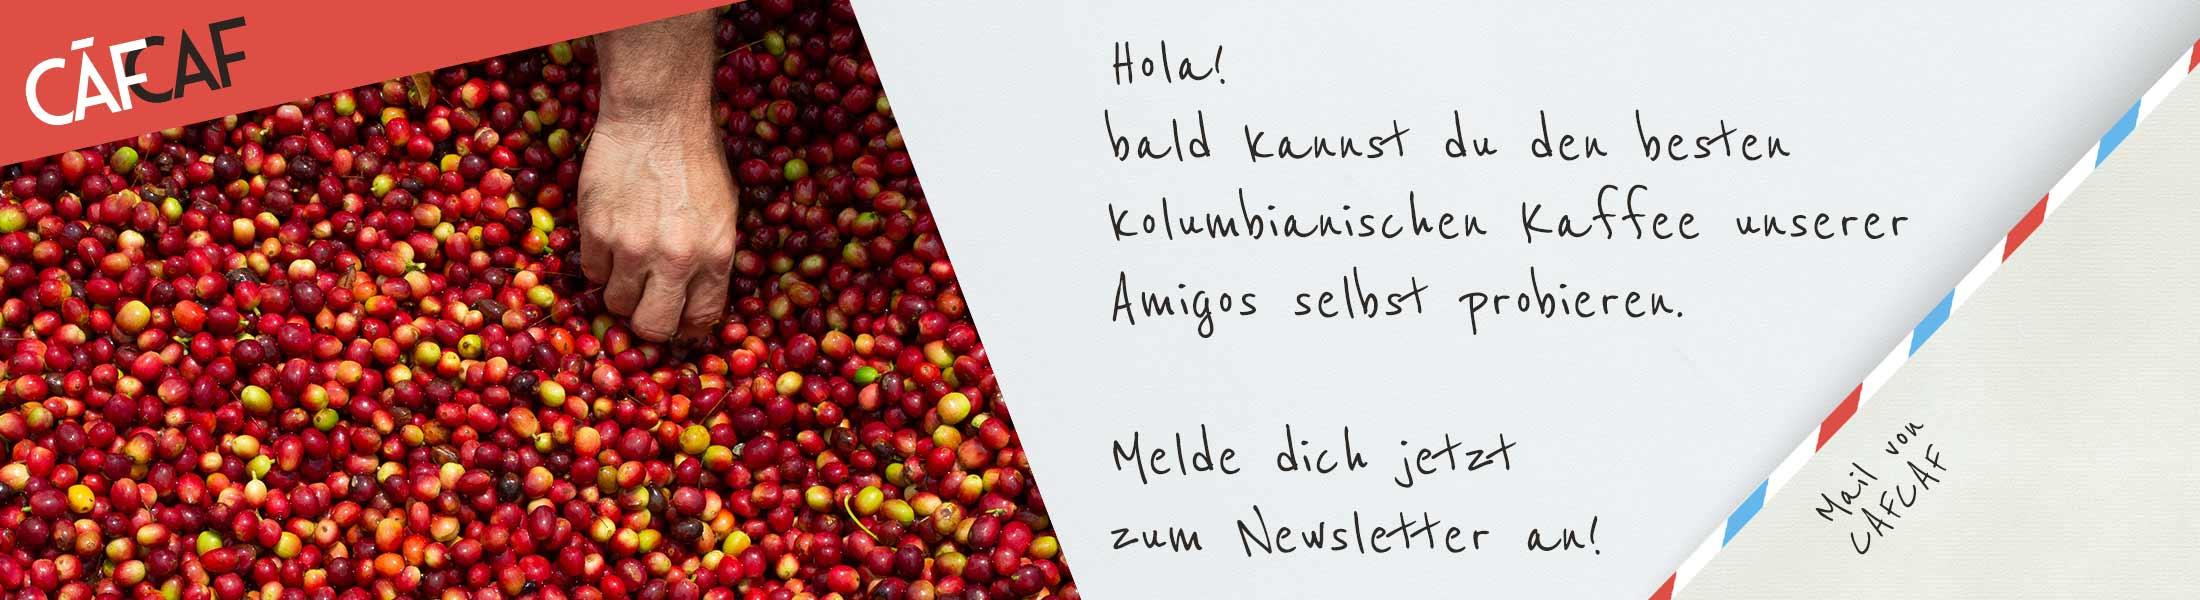 Kaffee Newsletter-Anmeldung